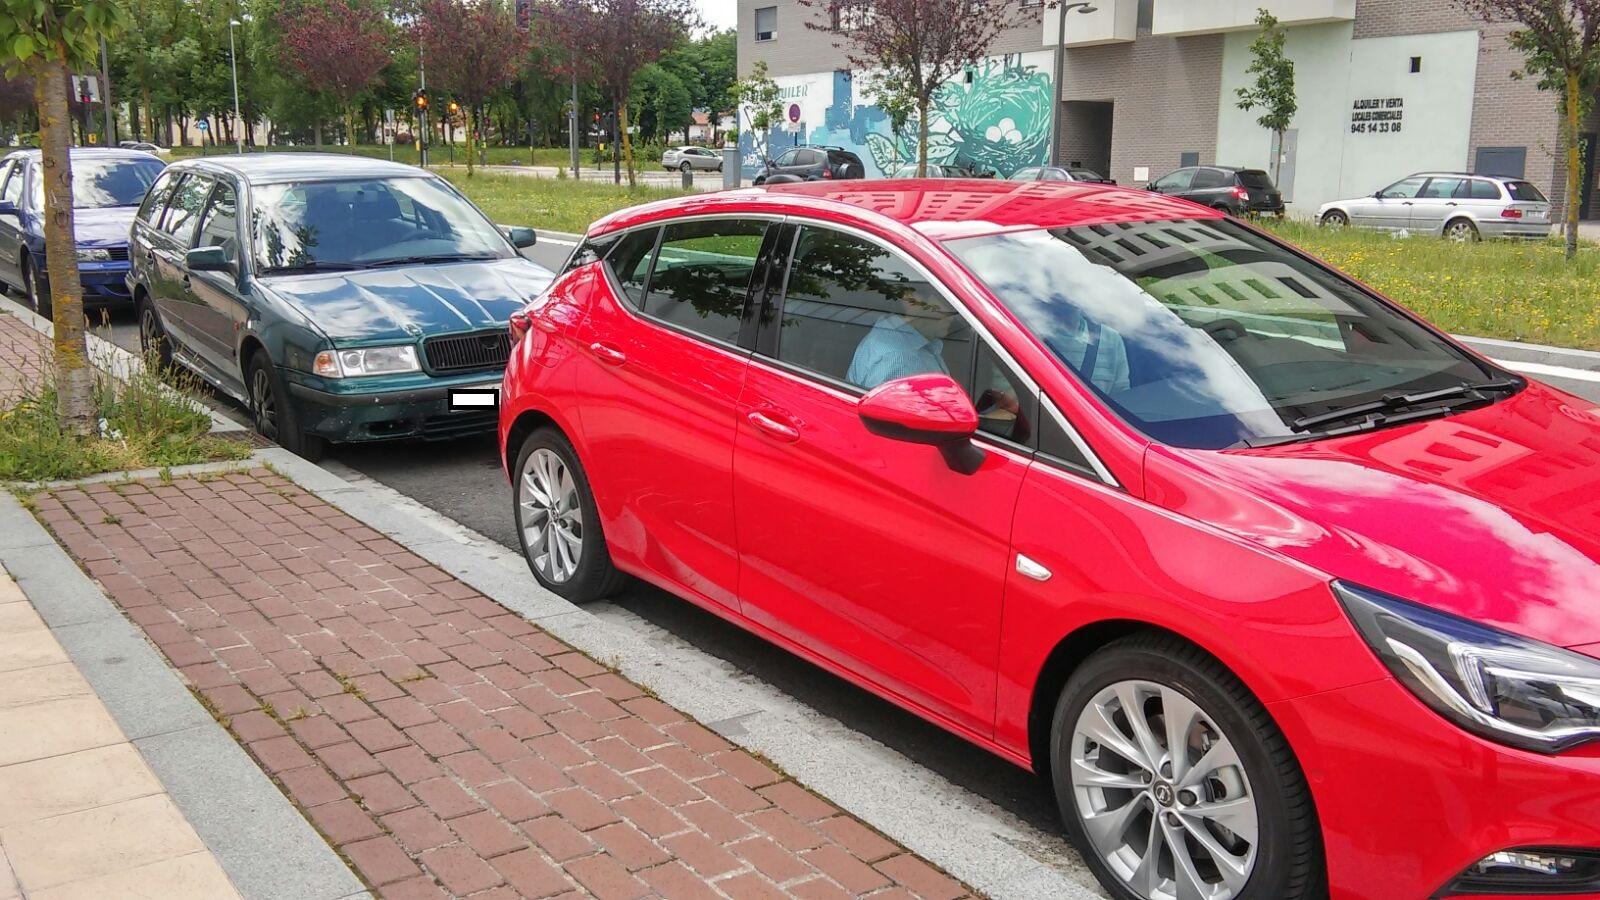 Mi Opel Astra K 1.6 CDTI 110cv Dynamic Rojo pasión (FOTOS ACTUALES) 0zSIas